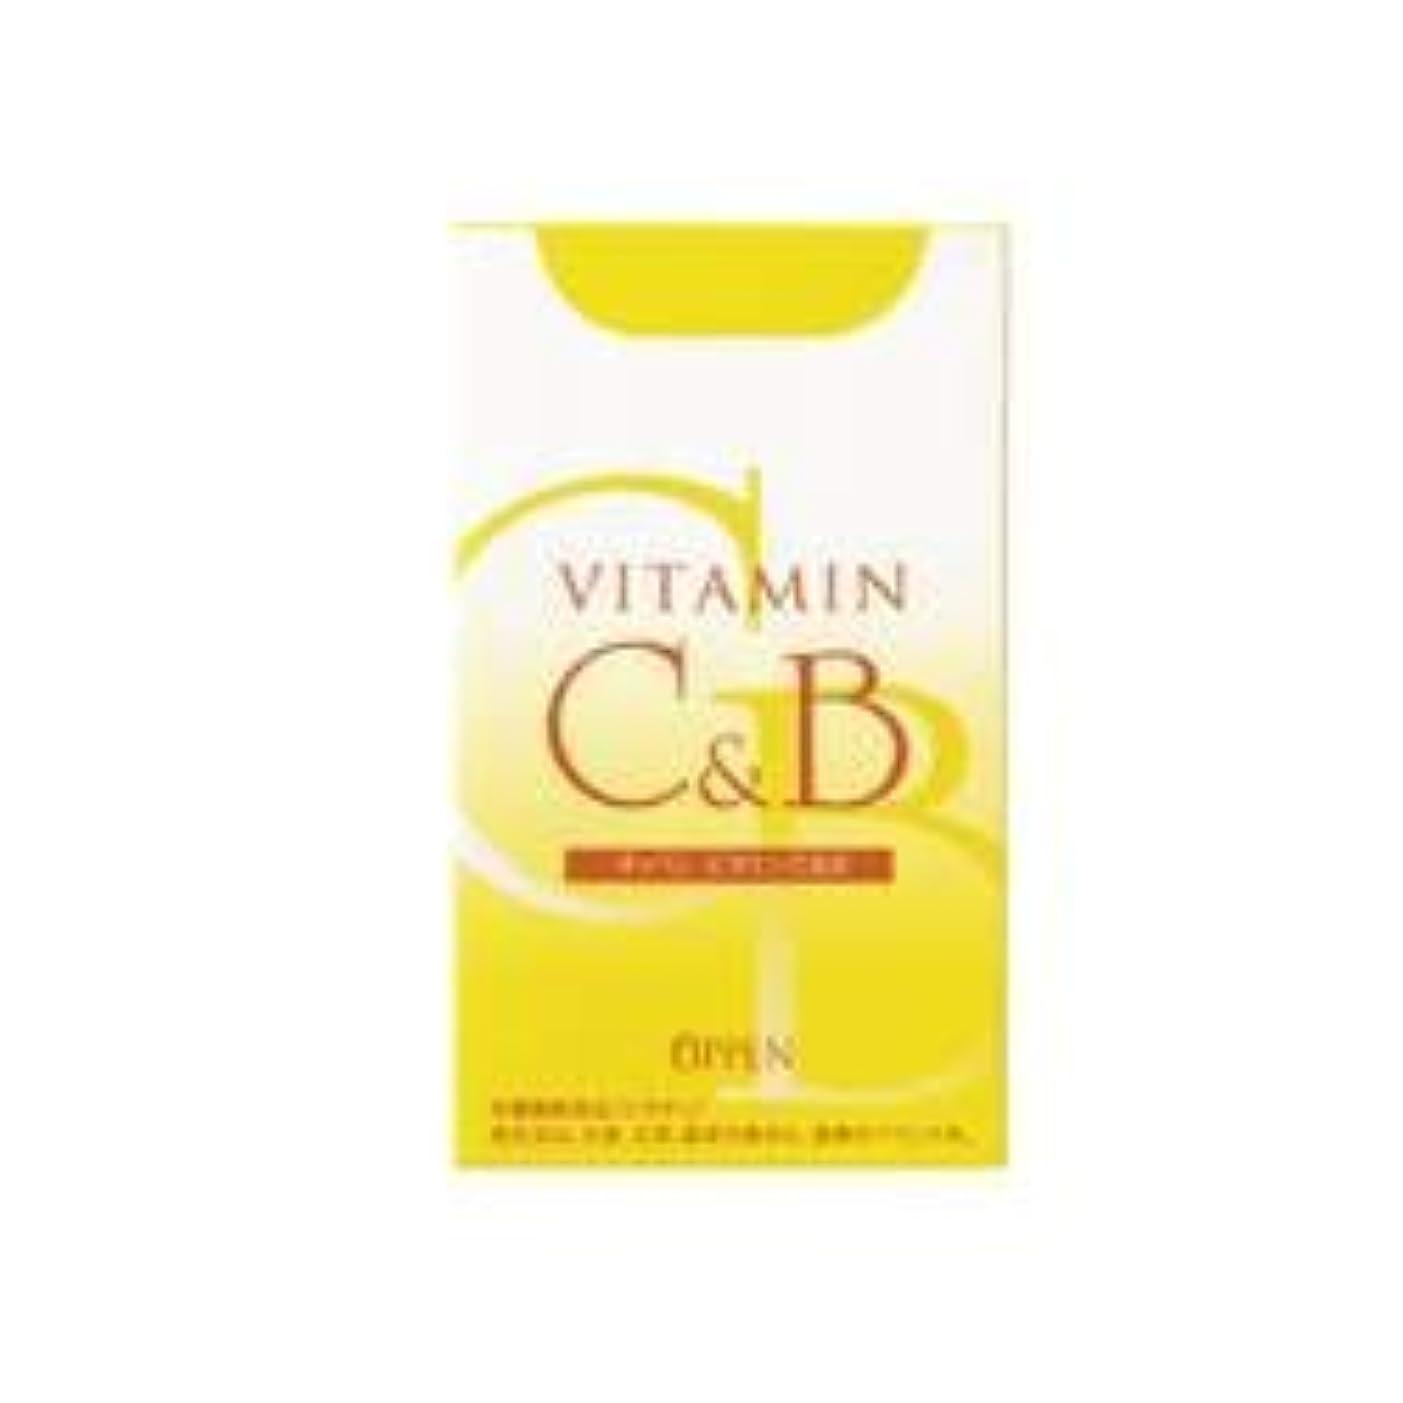 グローナプキン件名オッペン ヘルスフード ビタミンC&B(60包)